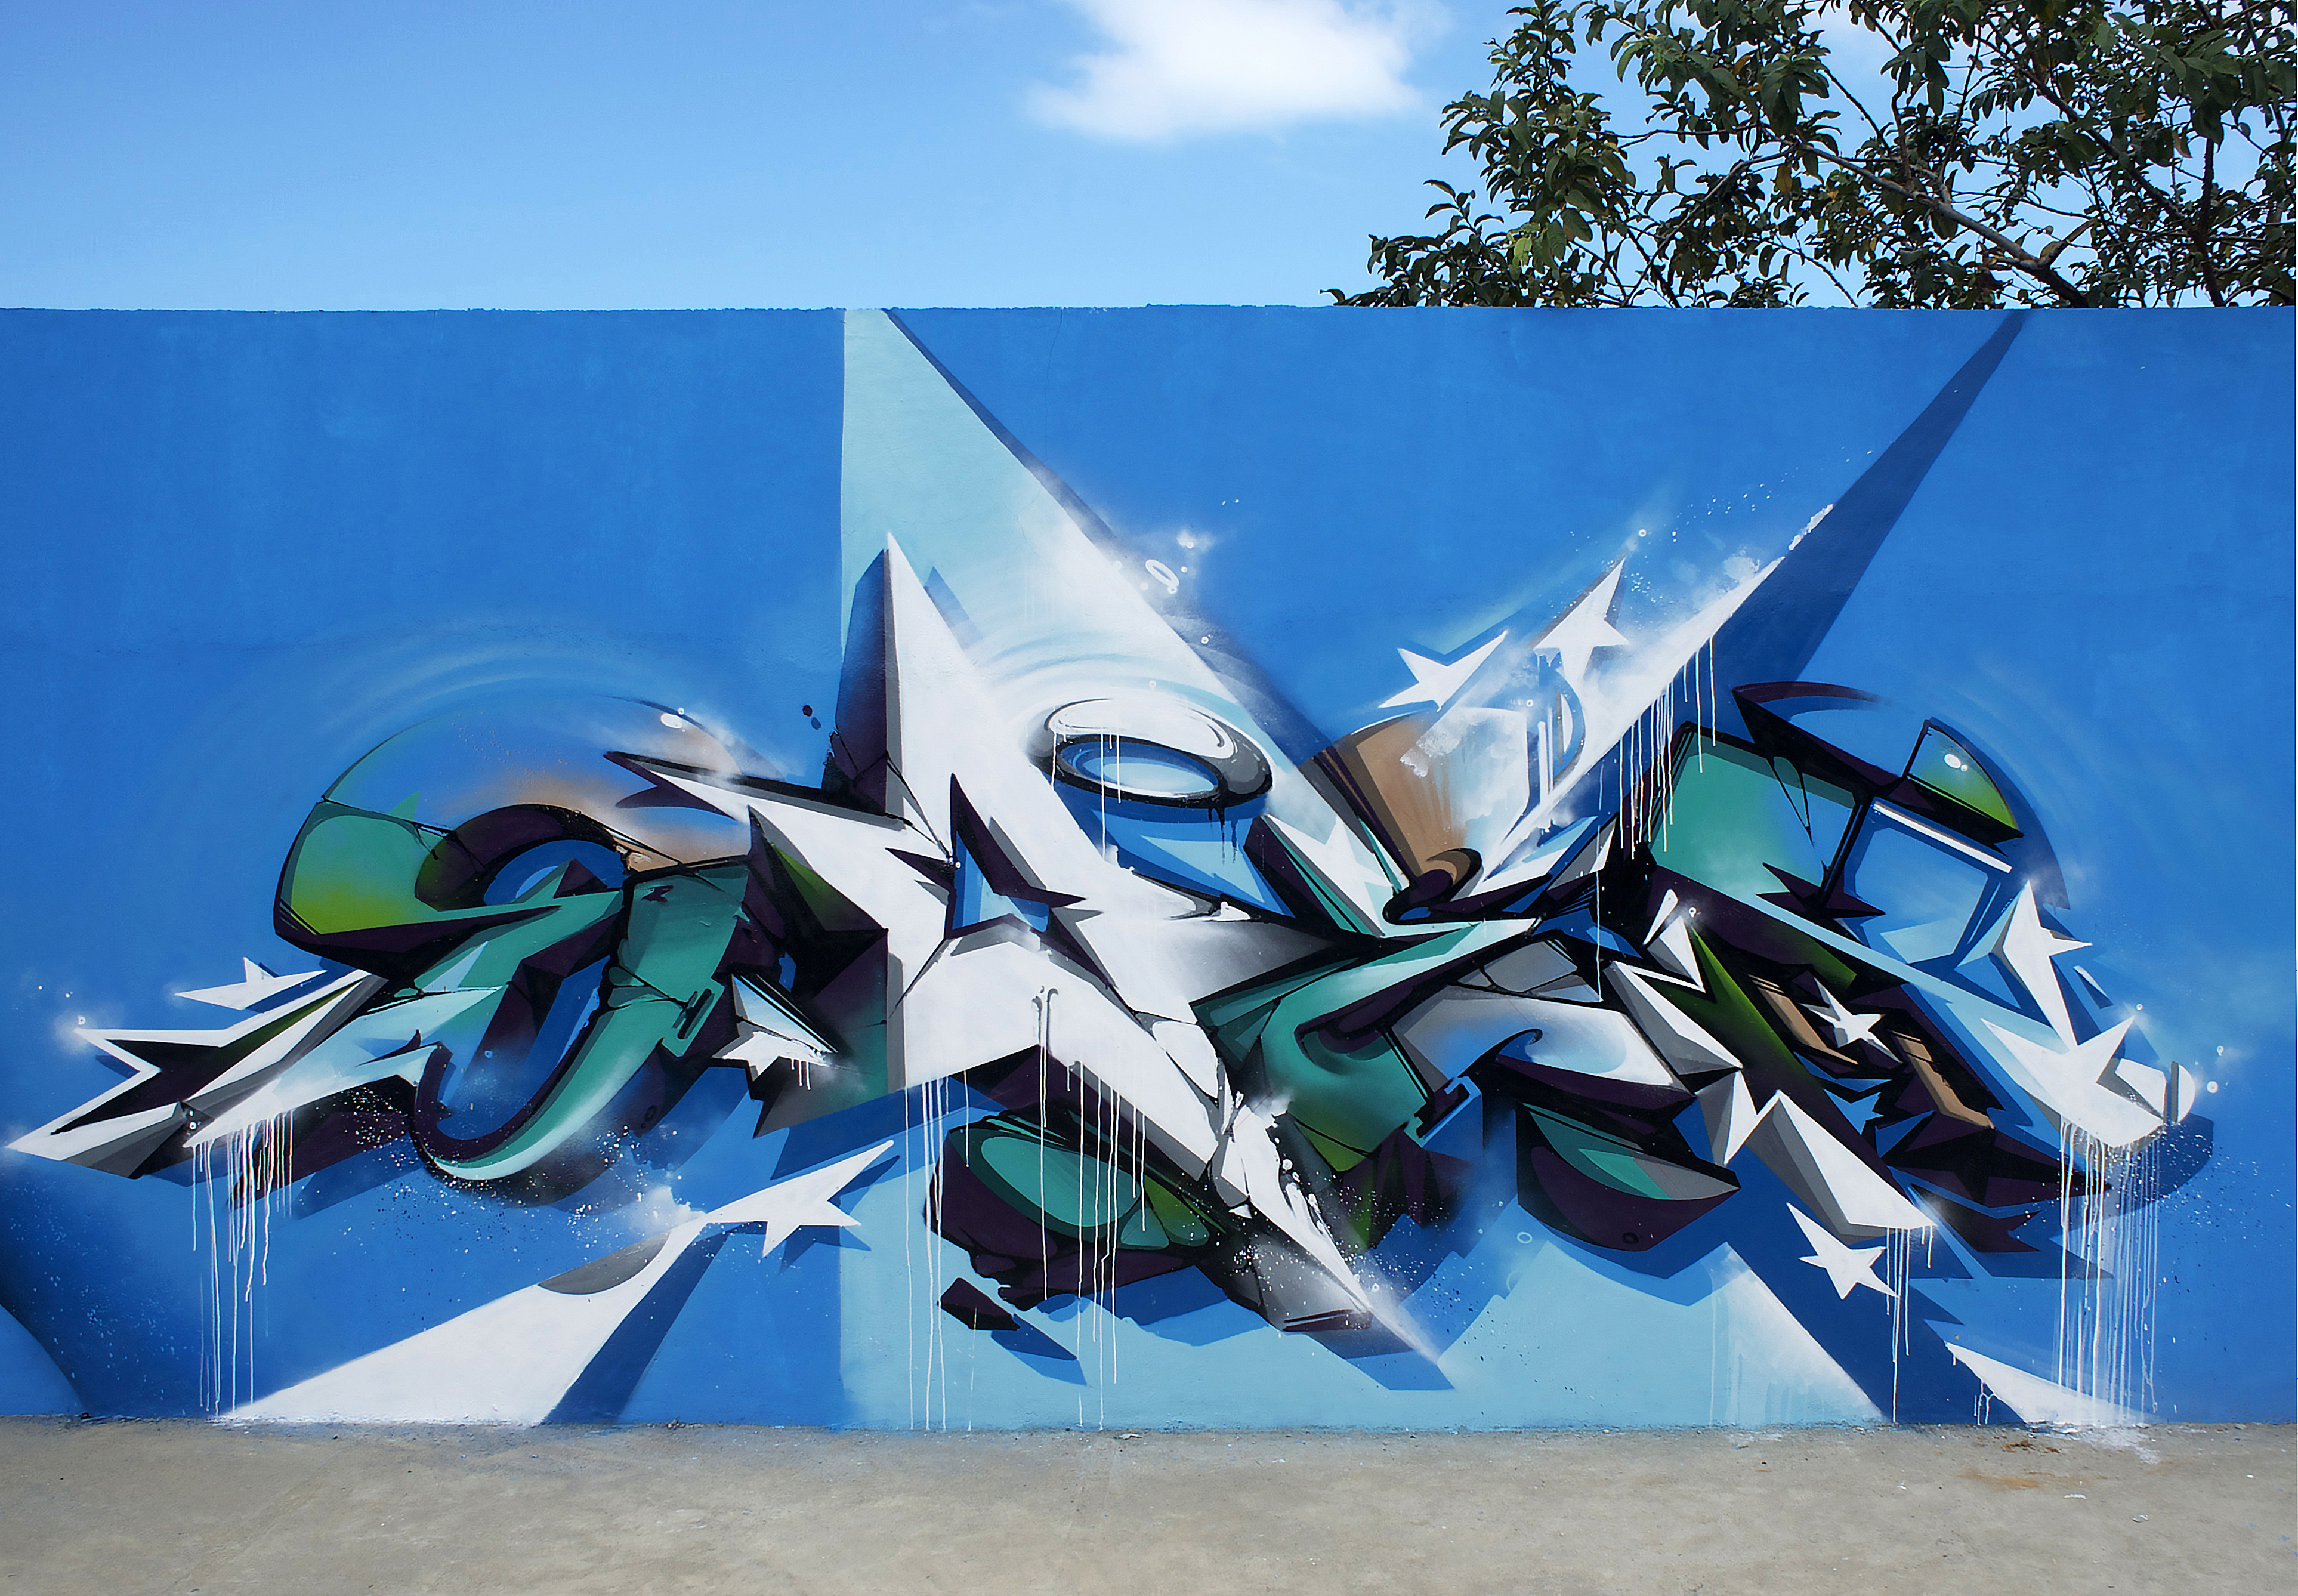 A work by Does - Does favela copacabana rio de Janeiro brazil 2013